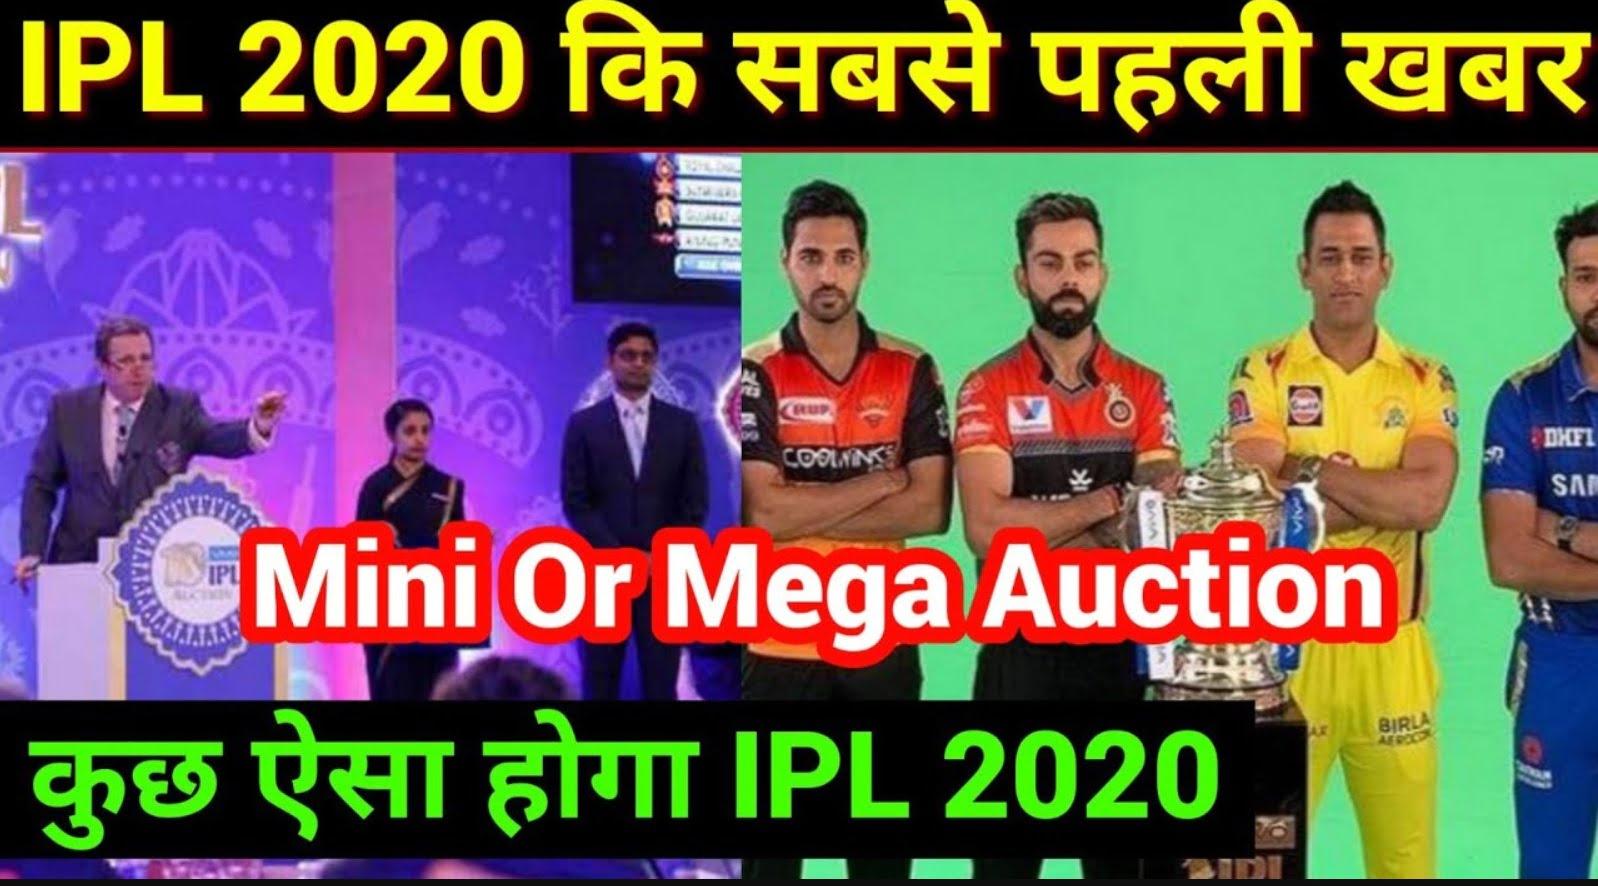 आईपीएल के 13वें सीजन की नीलामी 19 दिसंबर को कोलकाता में होगी